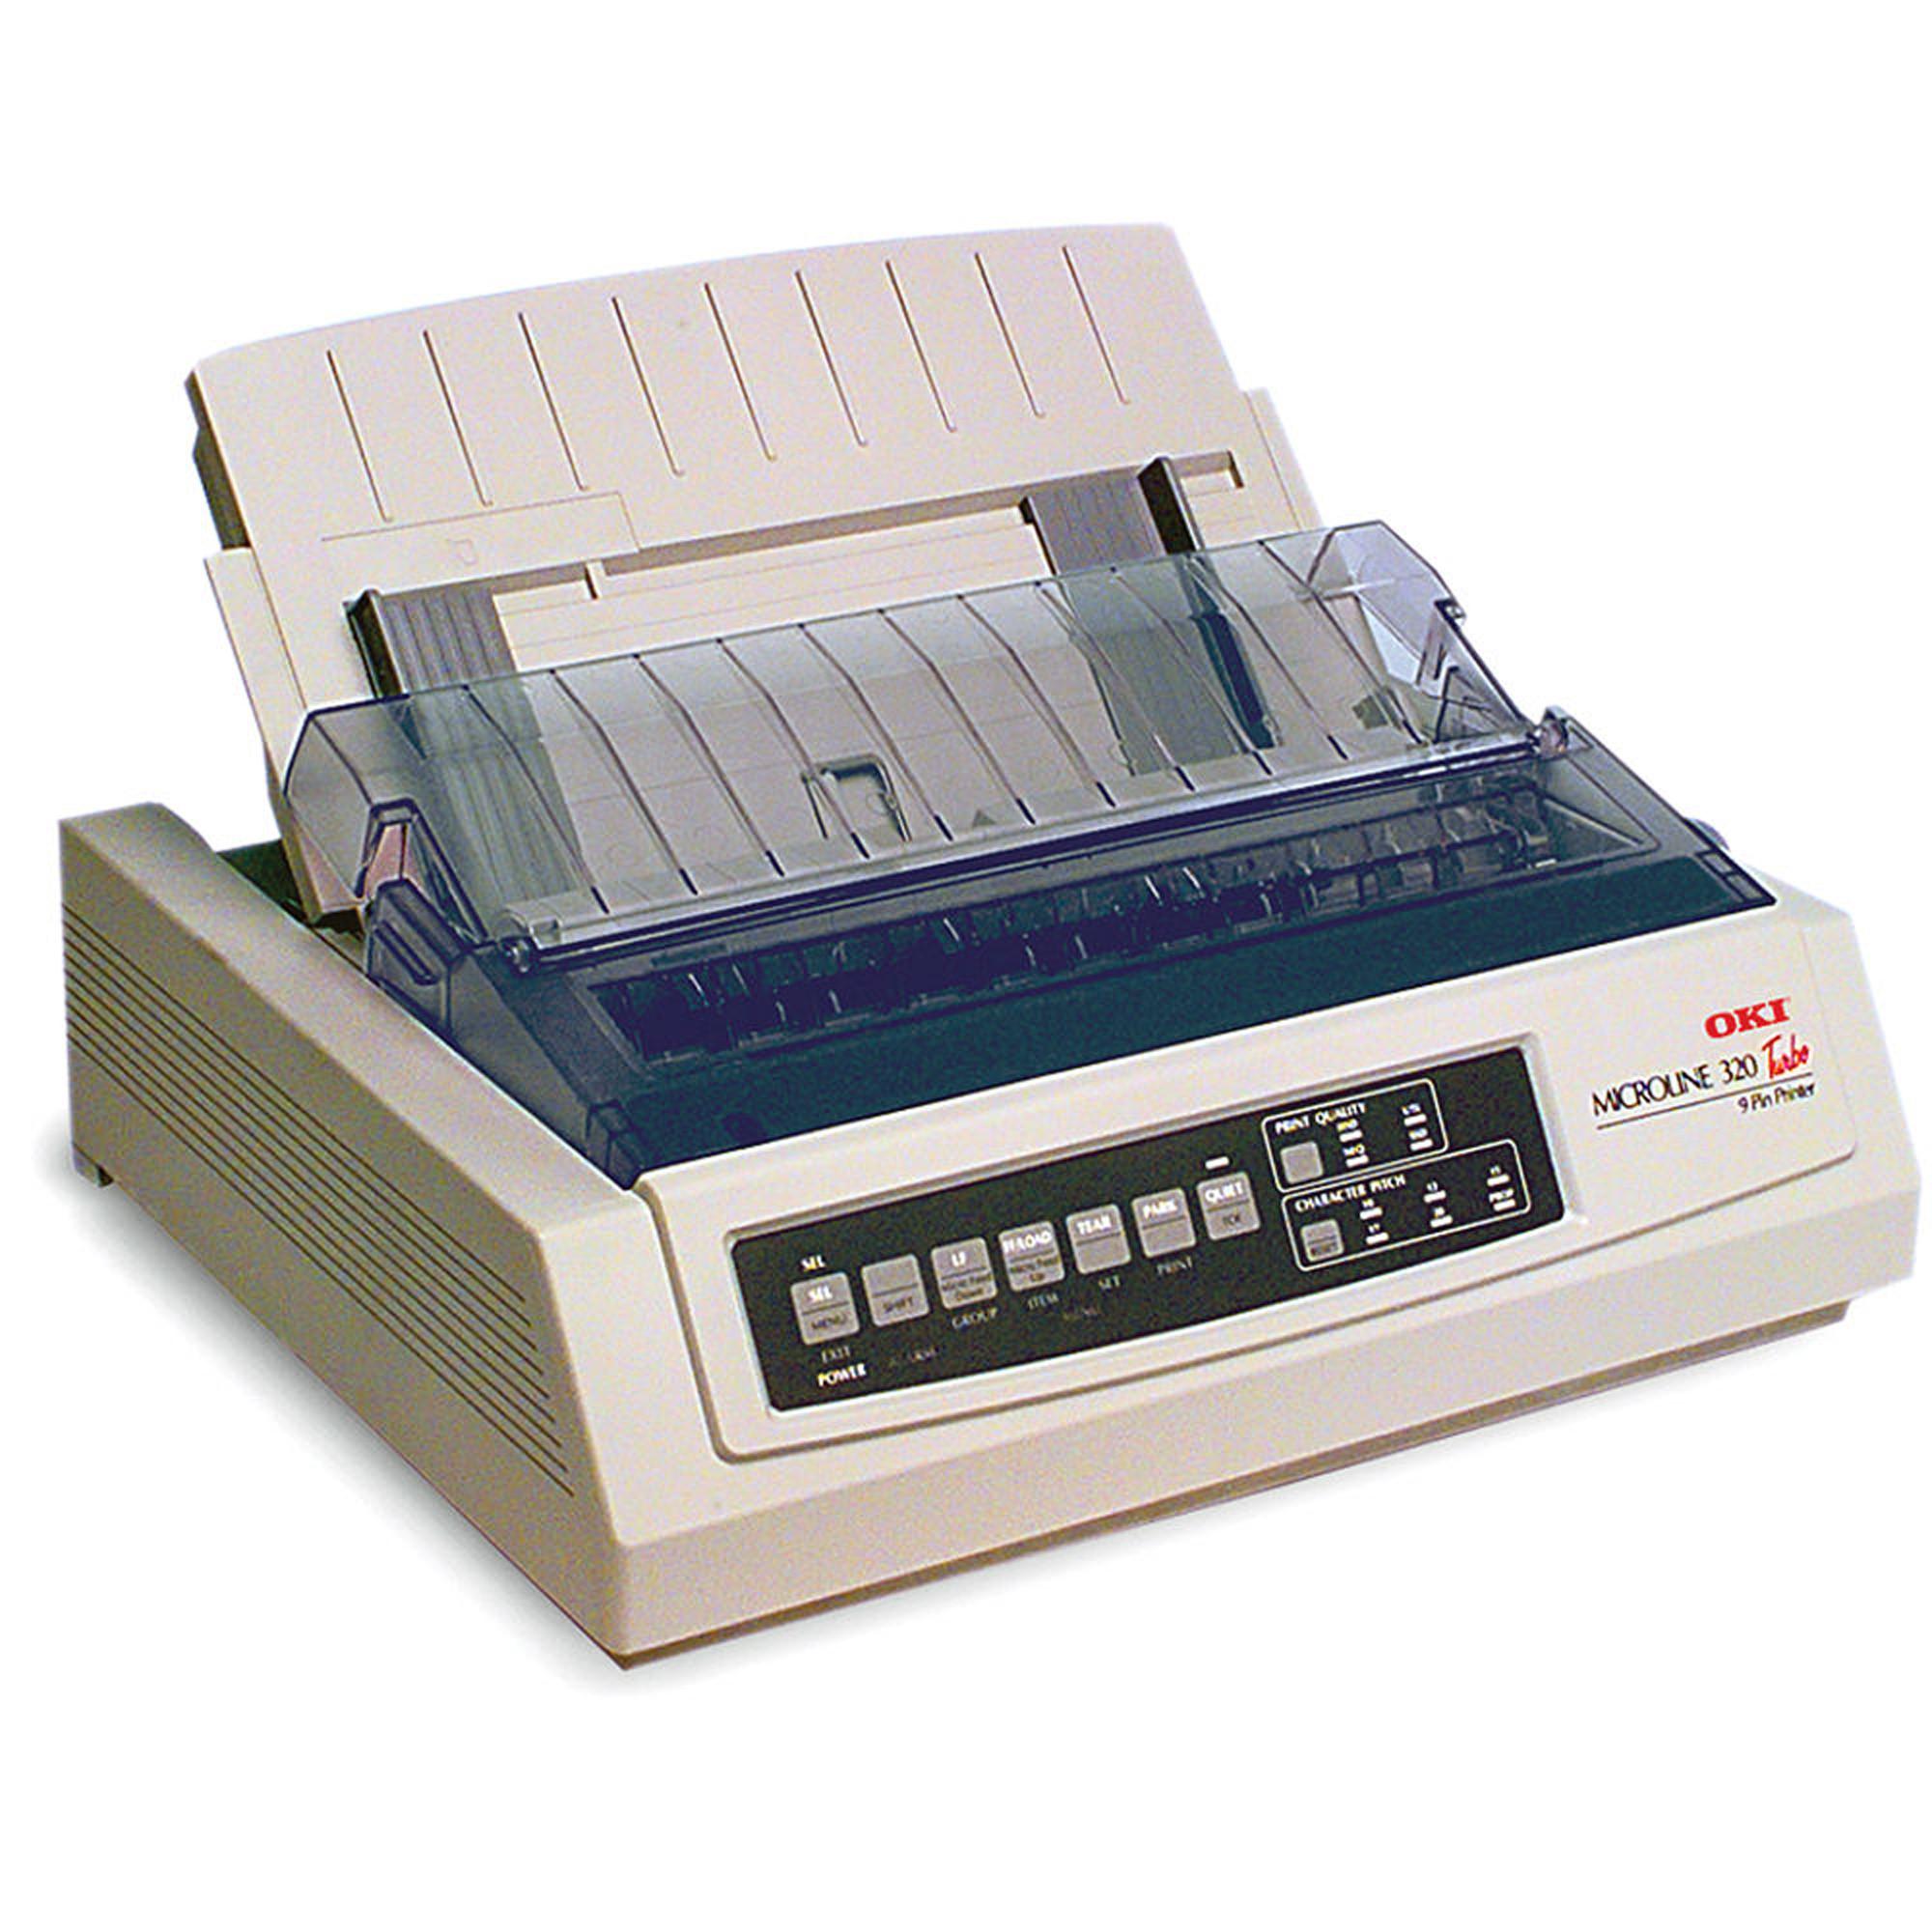 Okidata ML320Turbo-D Dot Matrix Printer (62412901)